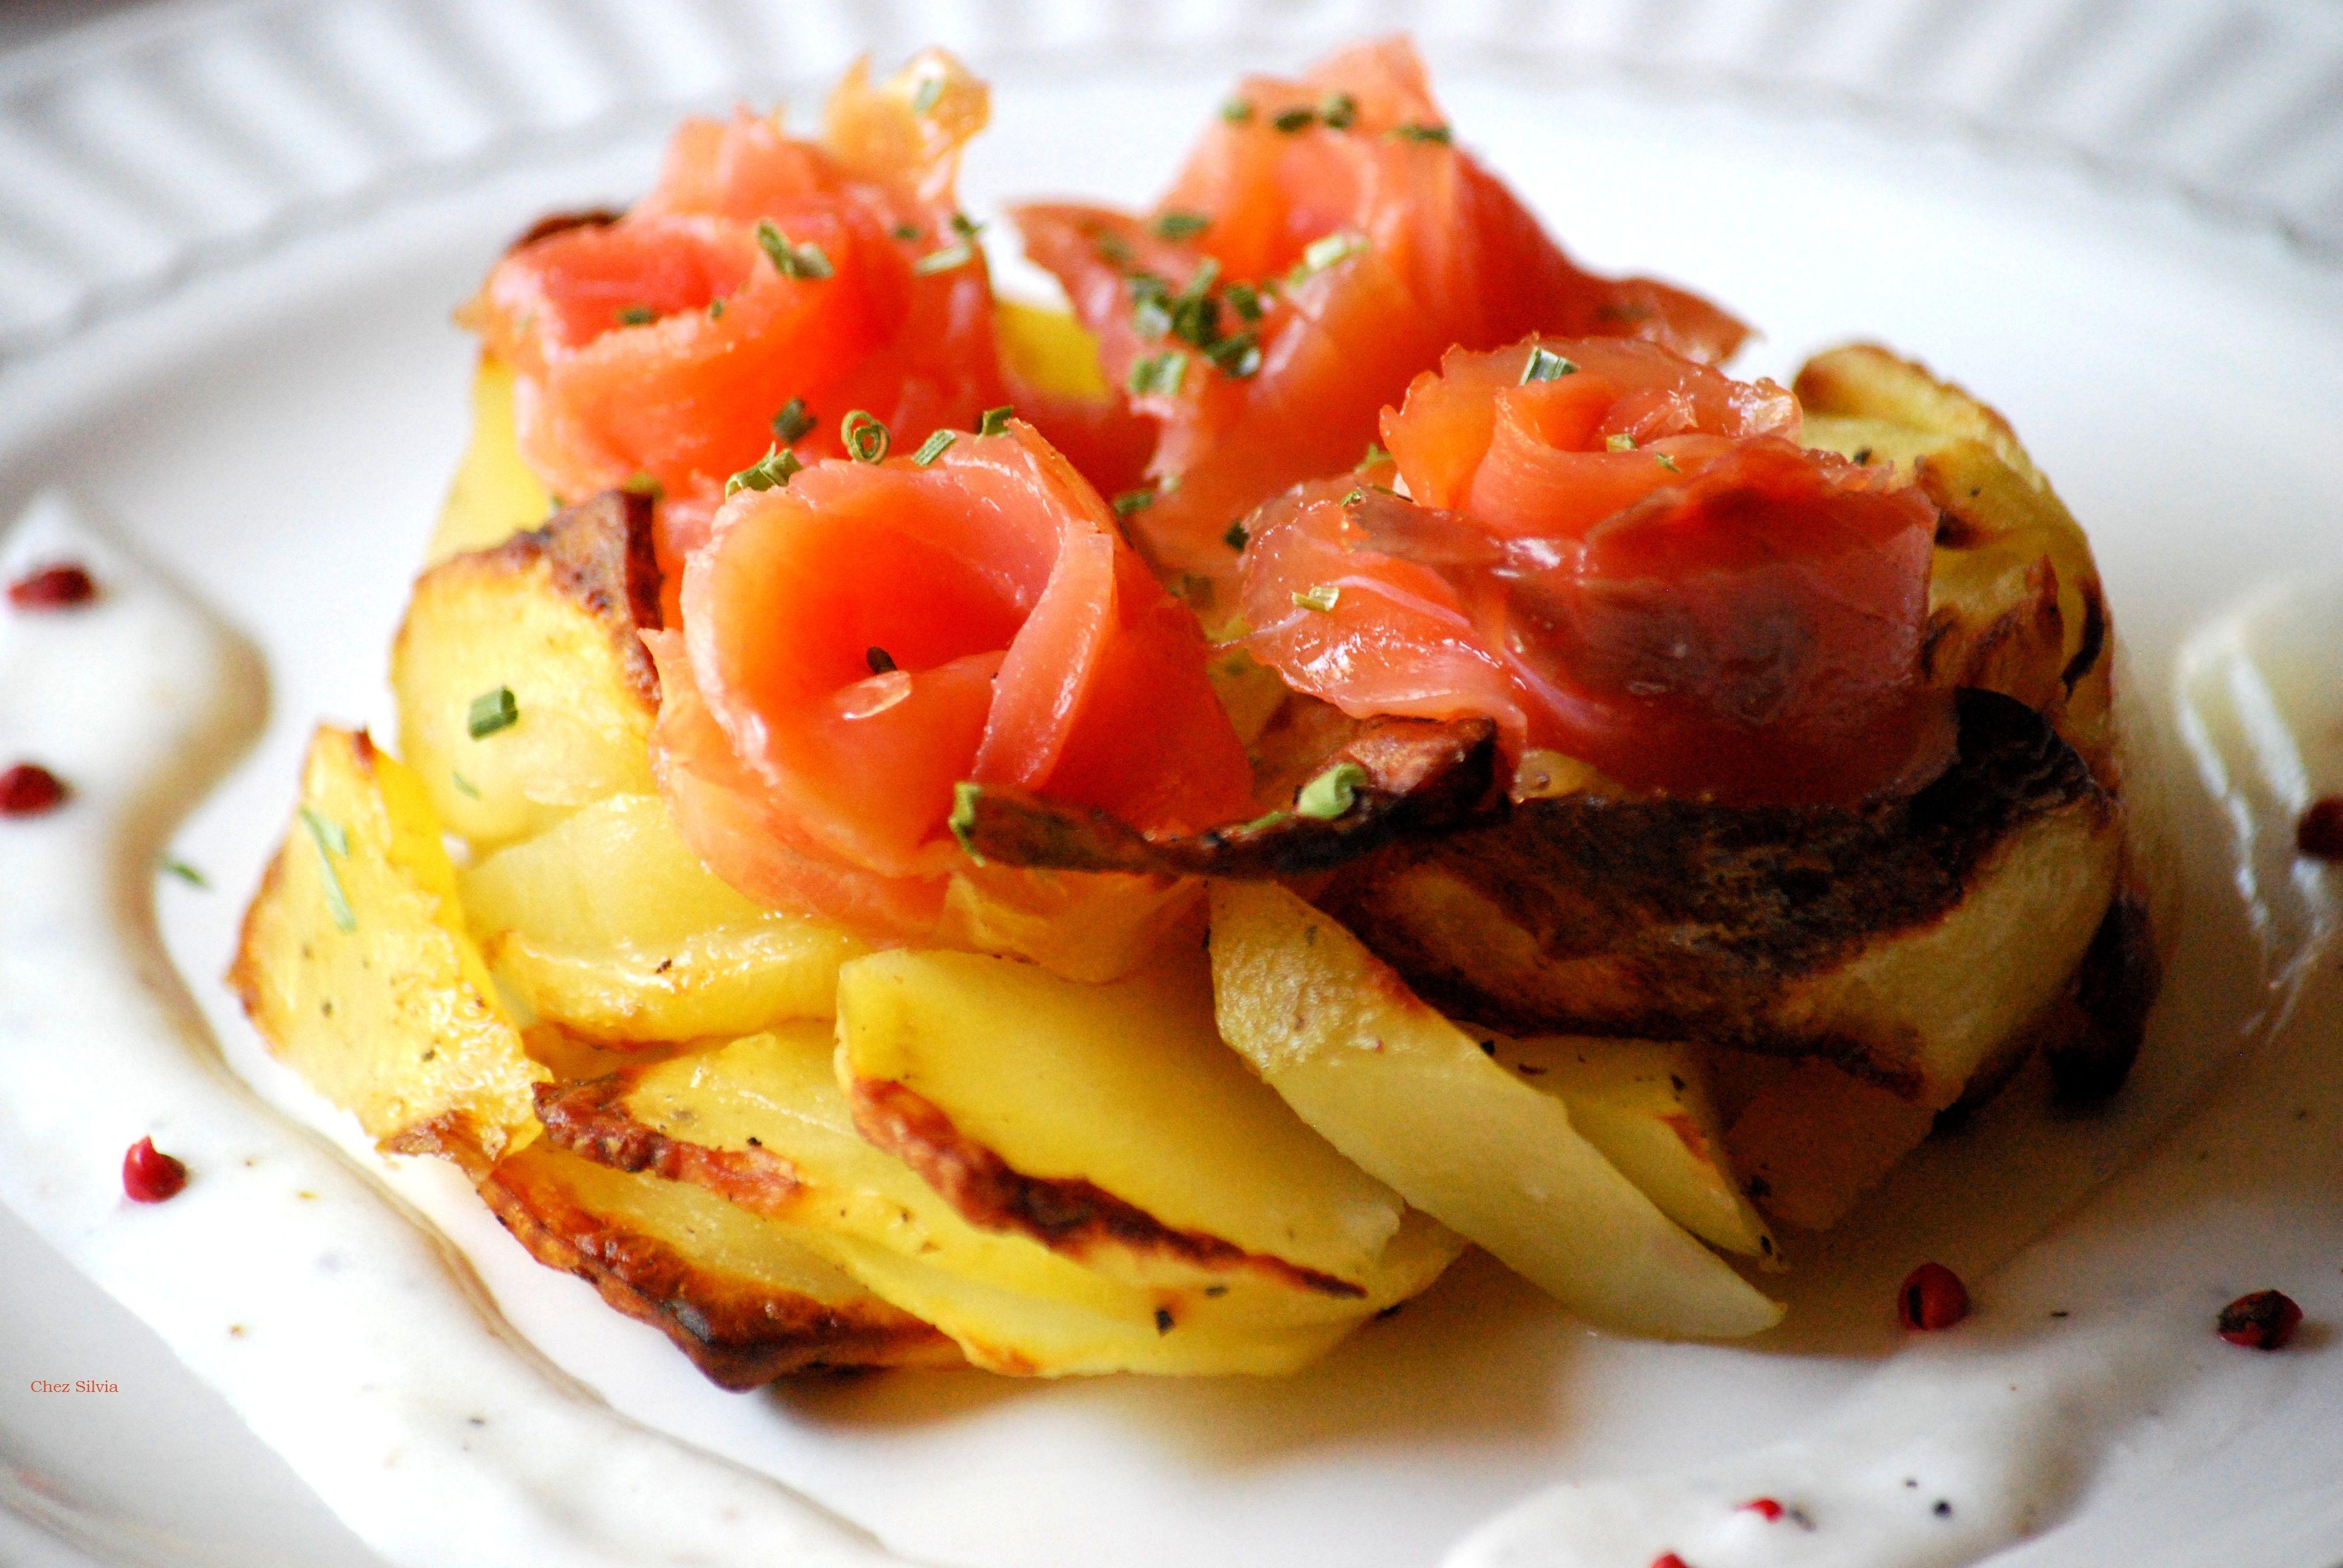 Ensalada de patata y rosas de salmón ahumado con salsa de yogur